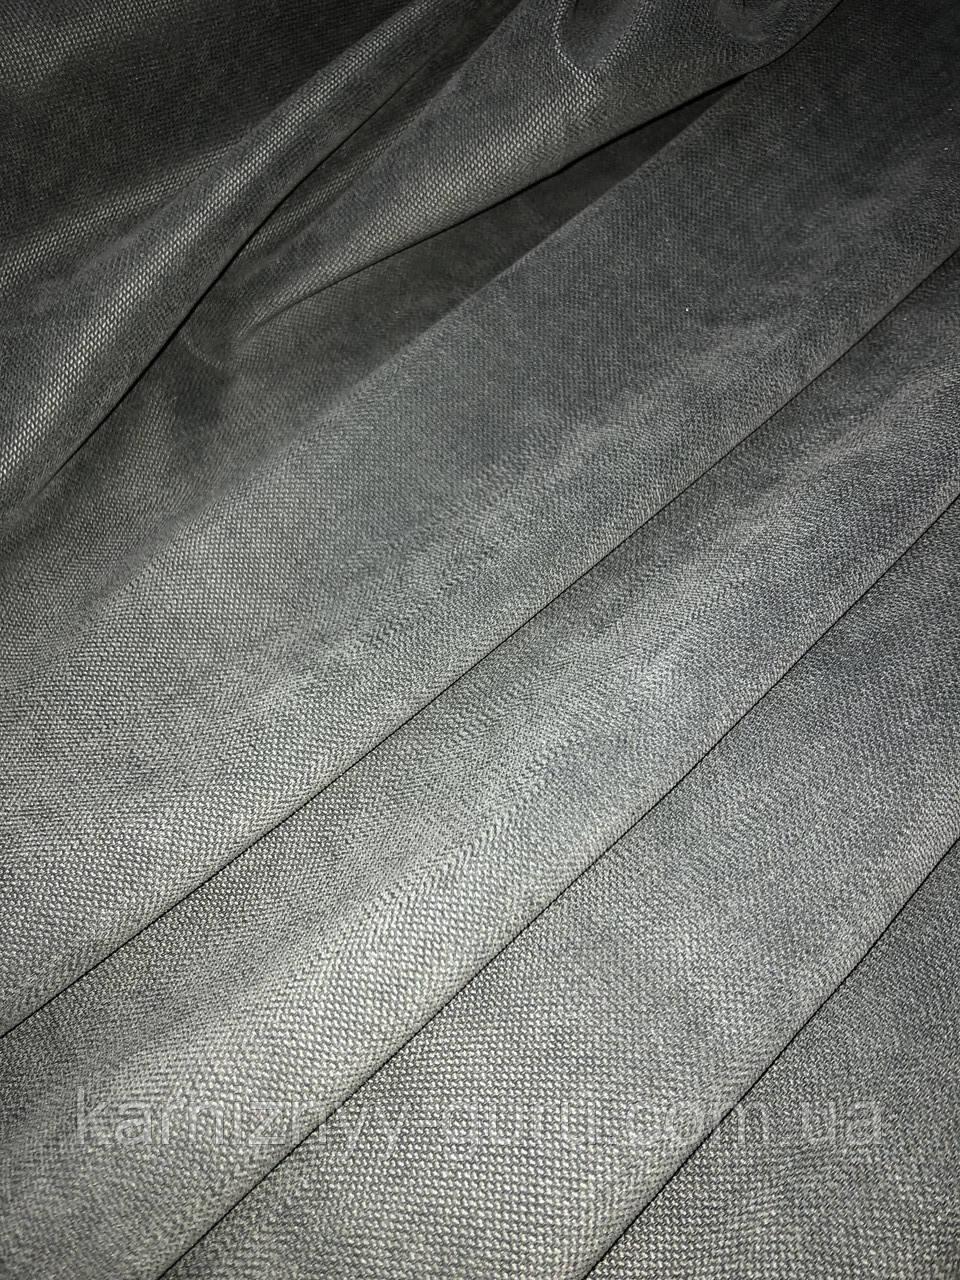 Ткань для штор, плотный велюр, Коллекция 2, soft duz.